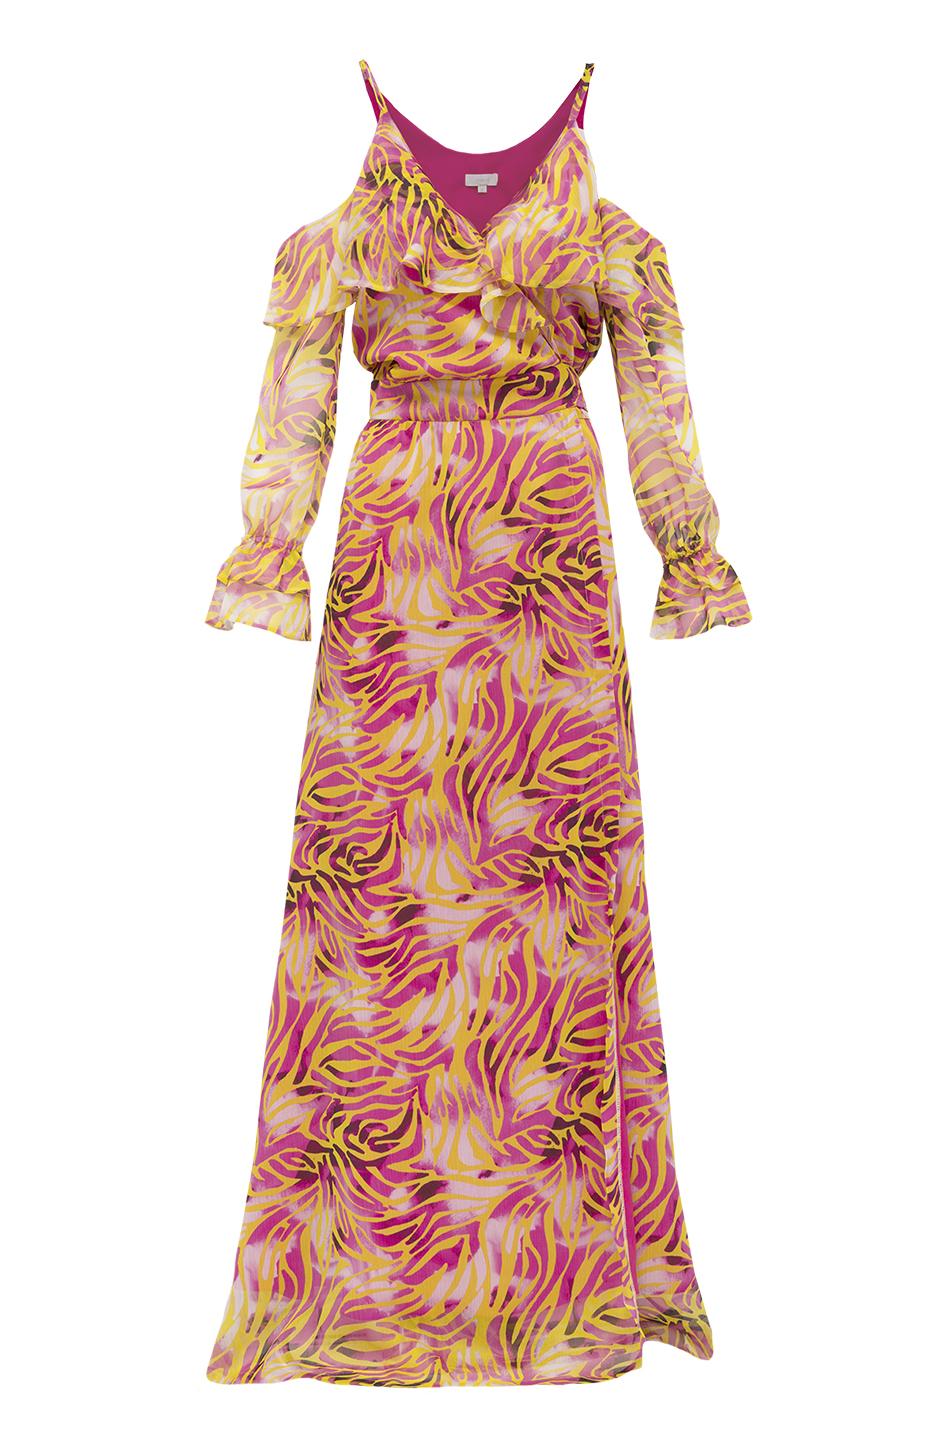 fc7dbc65f2 Szyfonowa sukienka zakładana z falbanami wzór zeberka - Zaquad